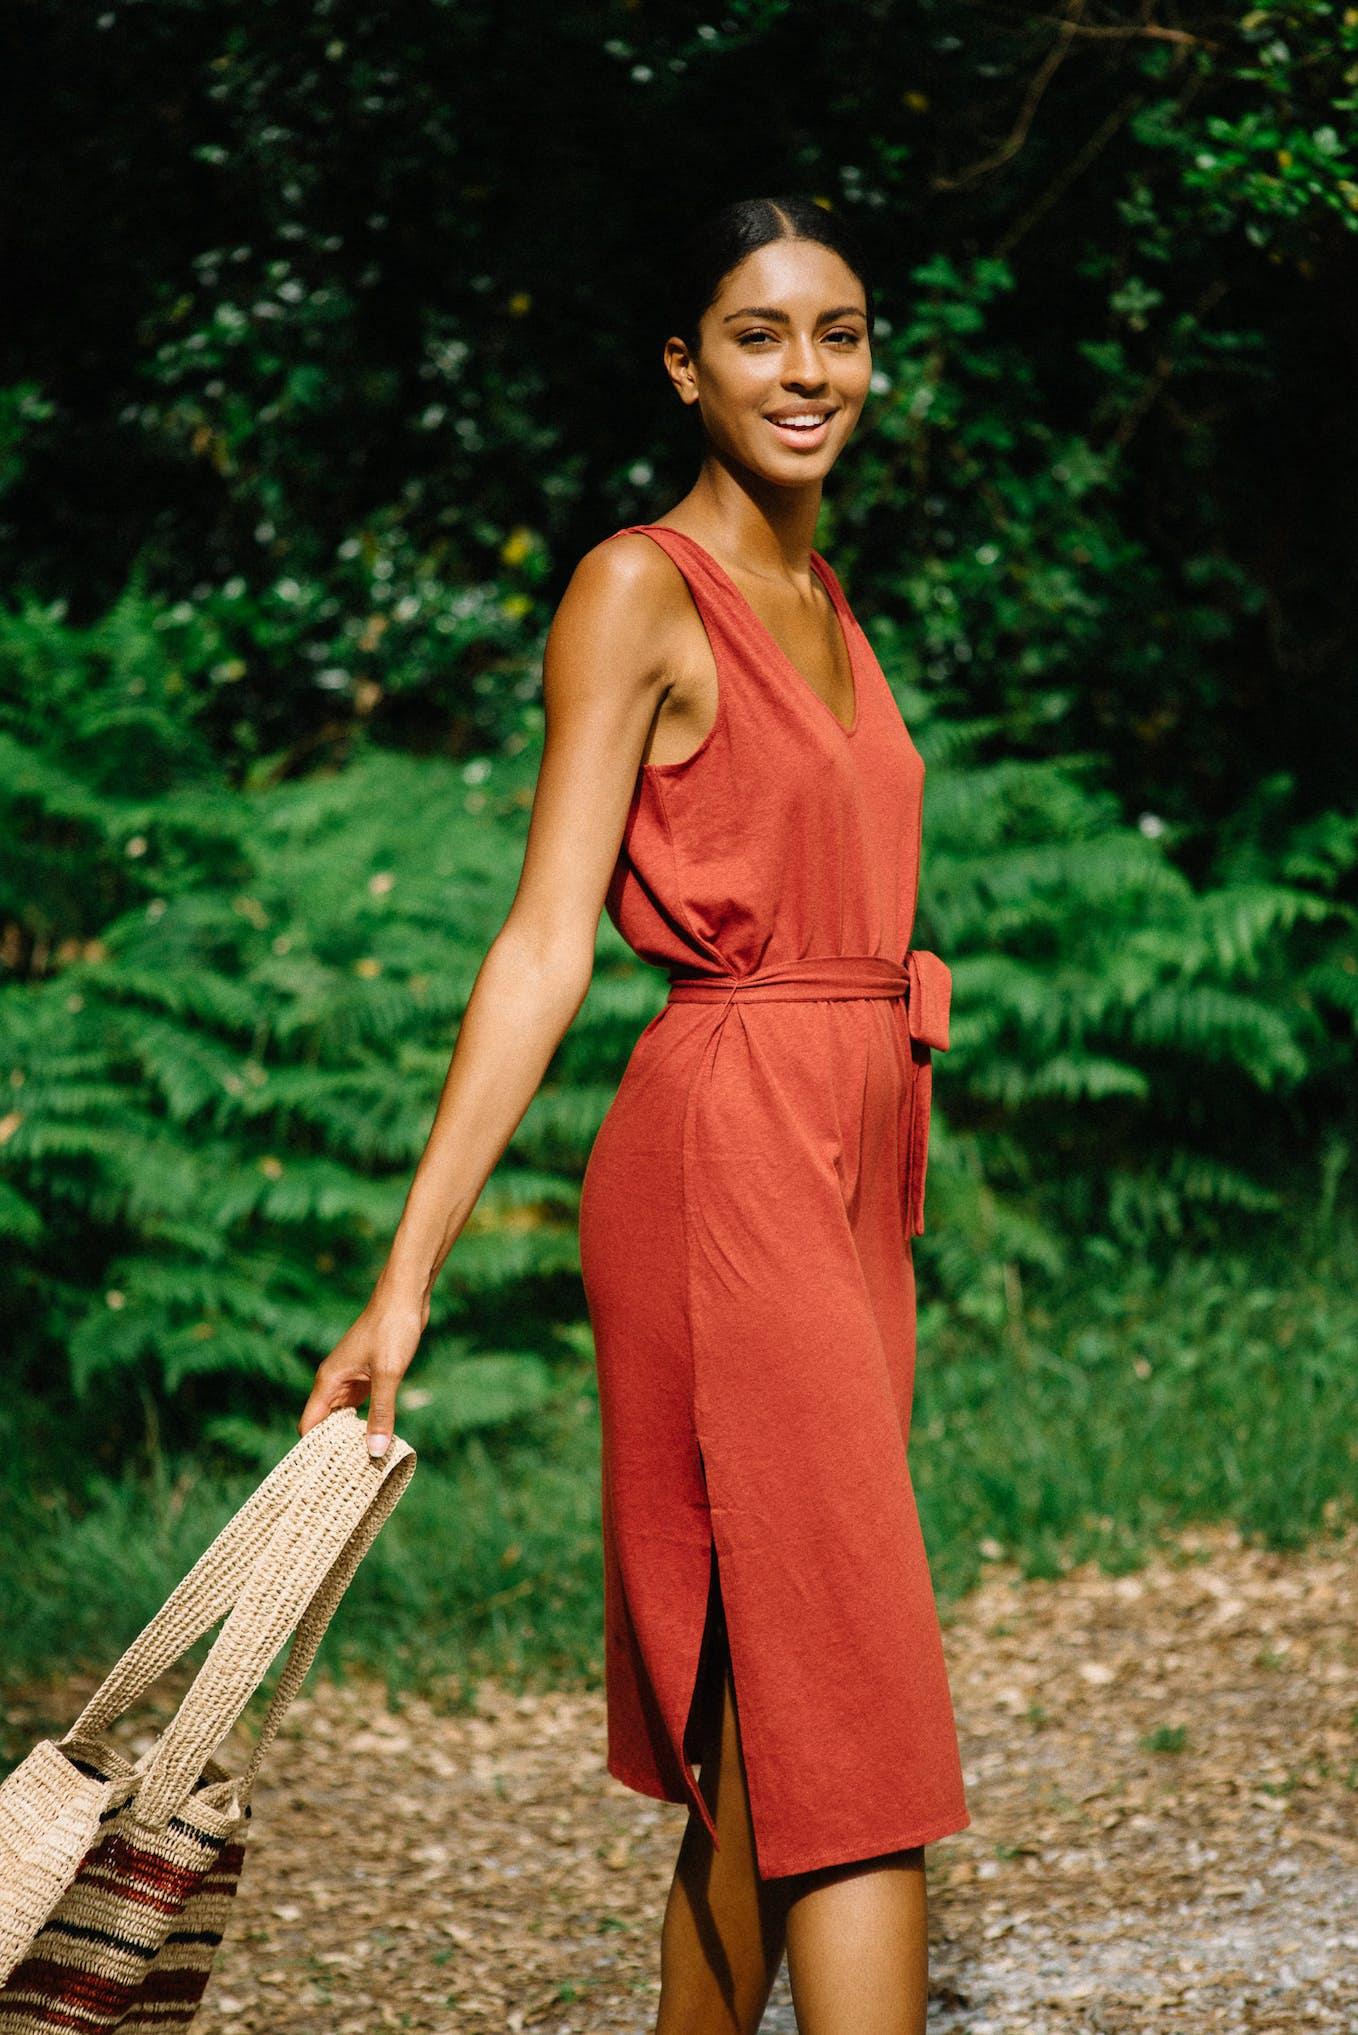 Balade rêveuse brown dress